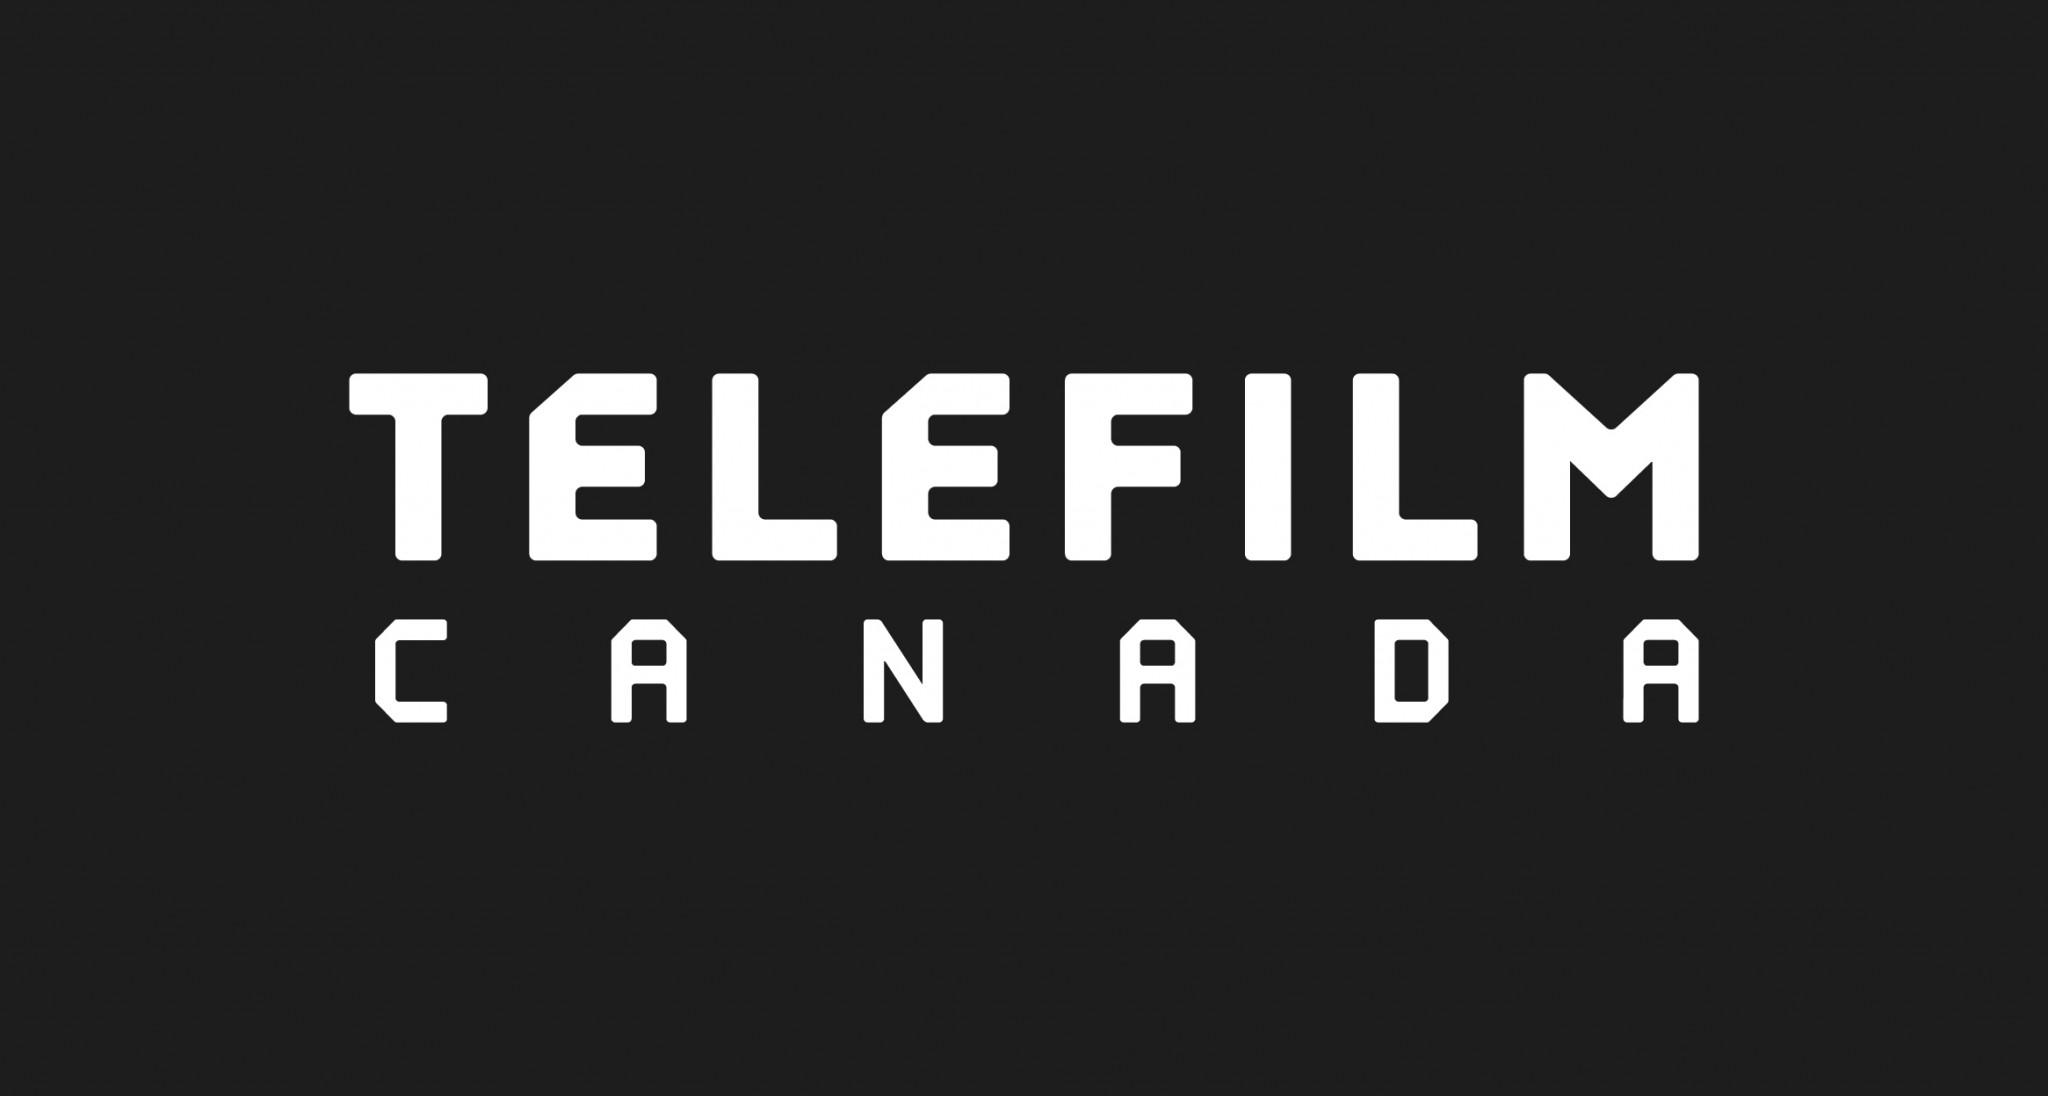 Téléfilm Canada lance l'appel d'inscriptions pour le Festival de Cannes 2020